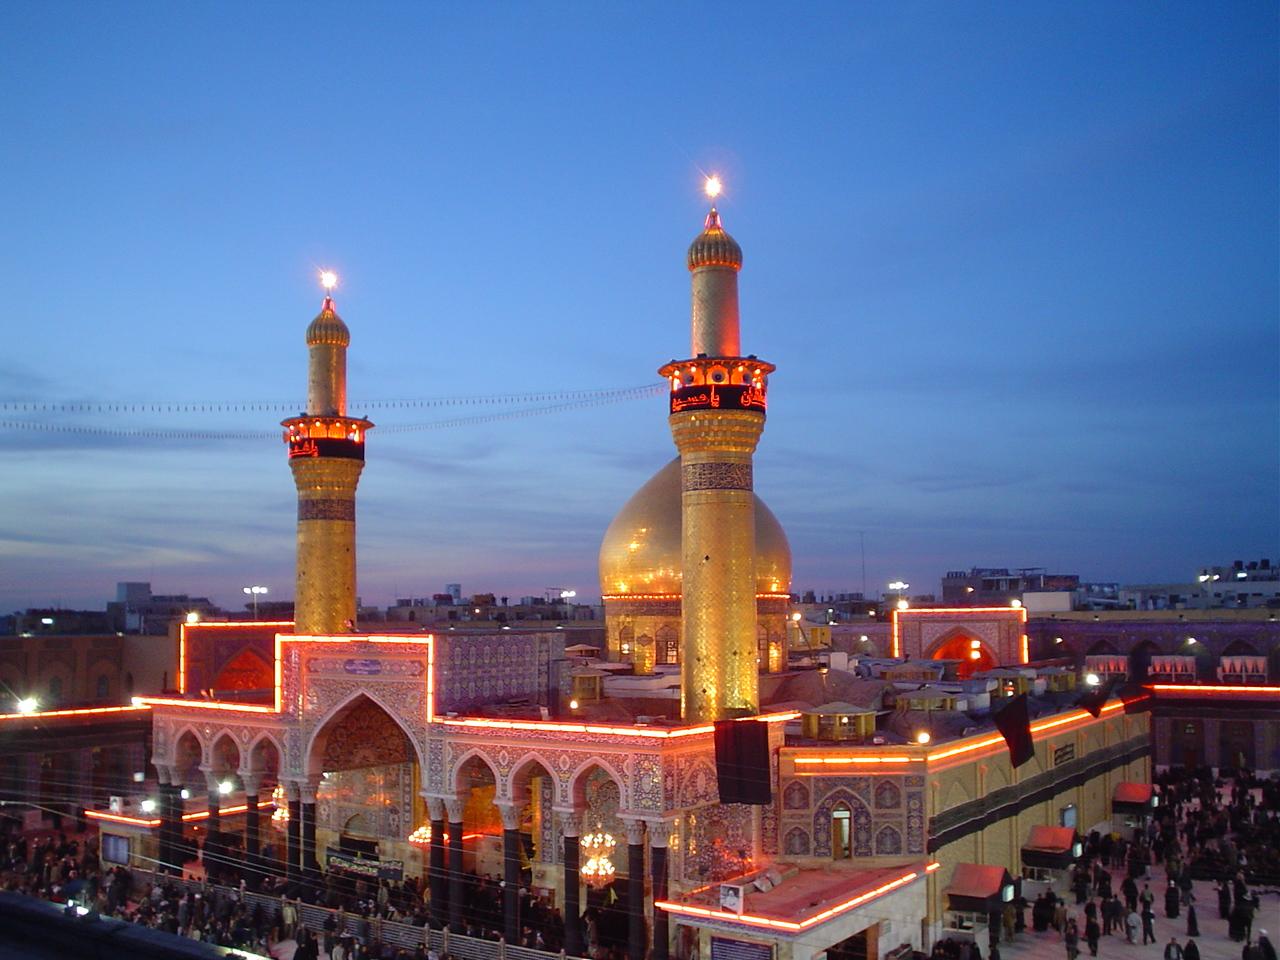 Photo of فیلم و تصاویر حرم امام حسین (ع) + عکس های بسیار زیبا از حرم امام حسین (ع)